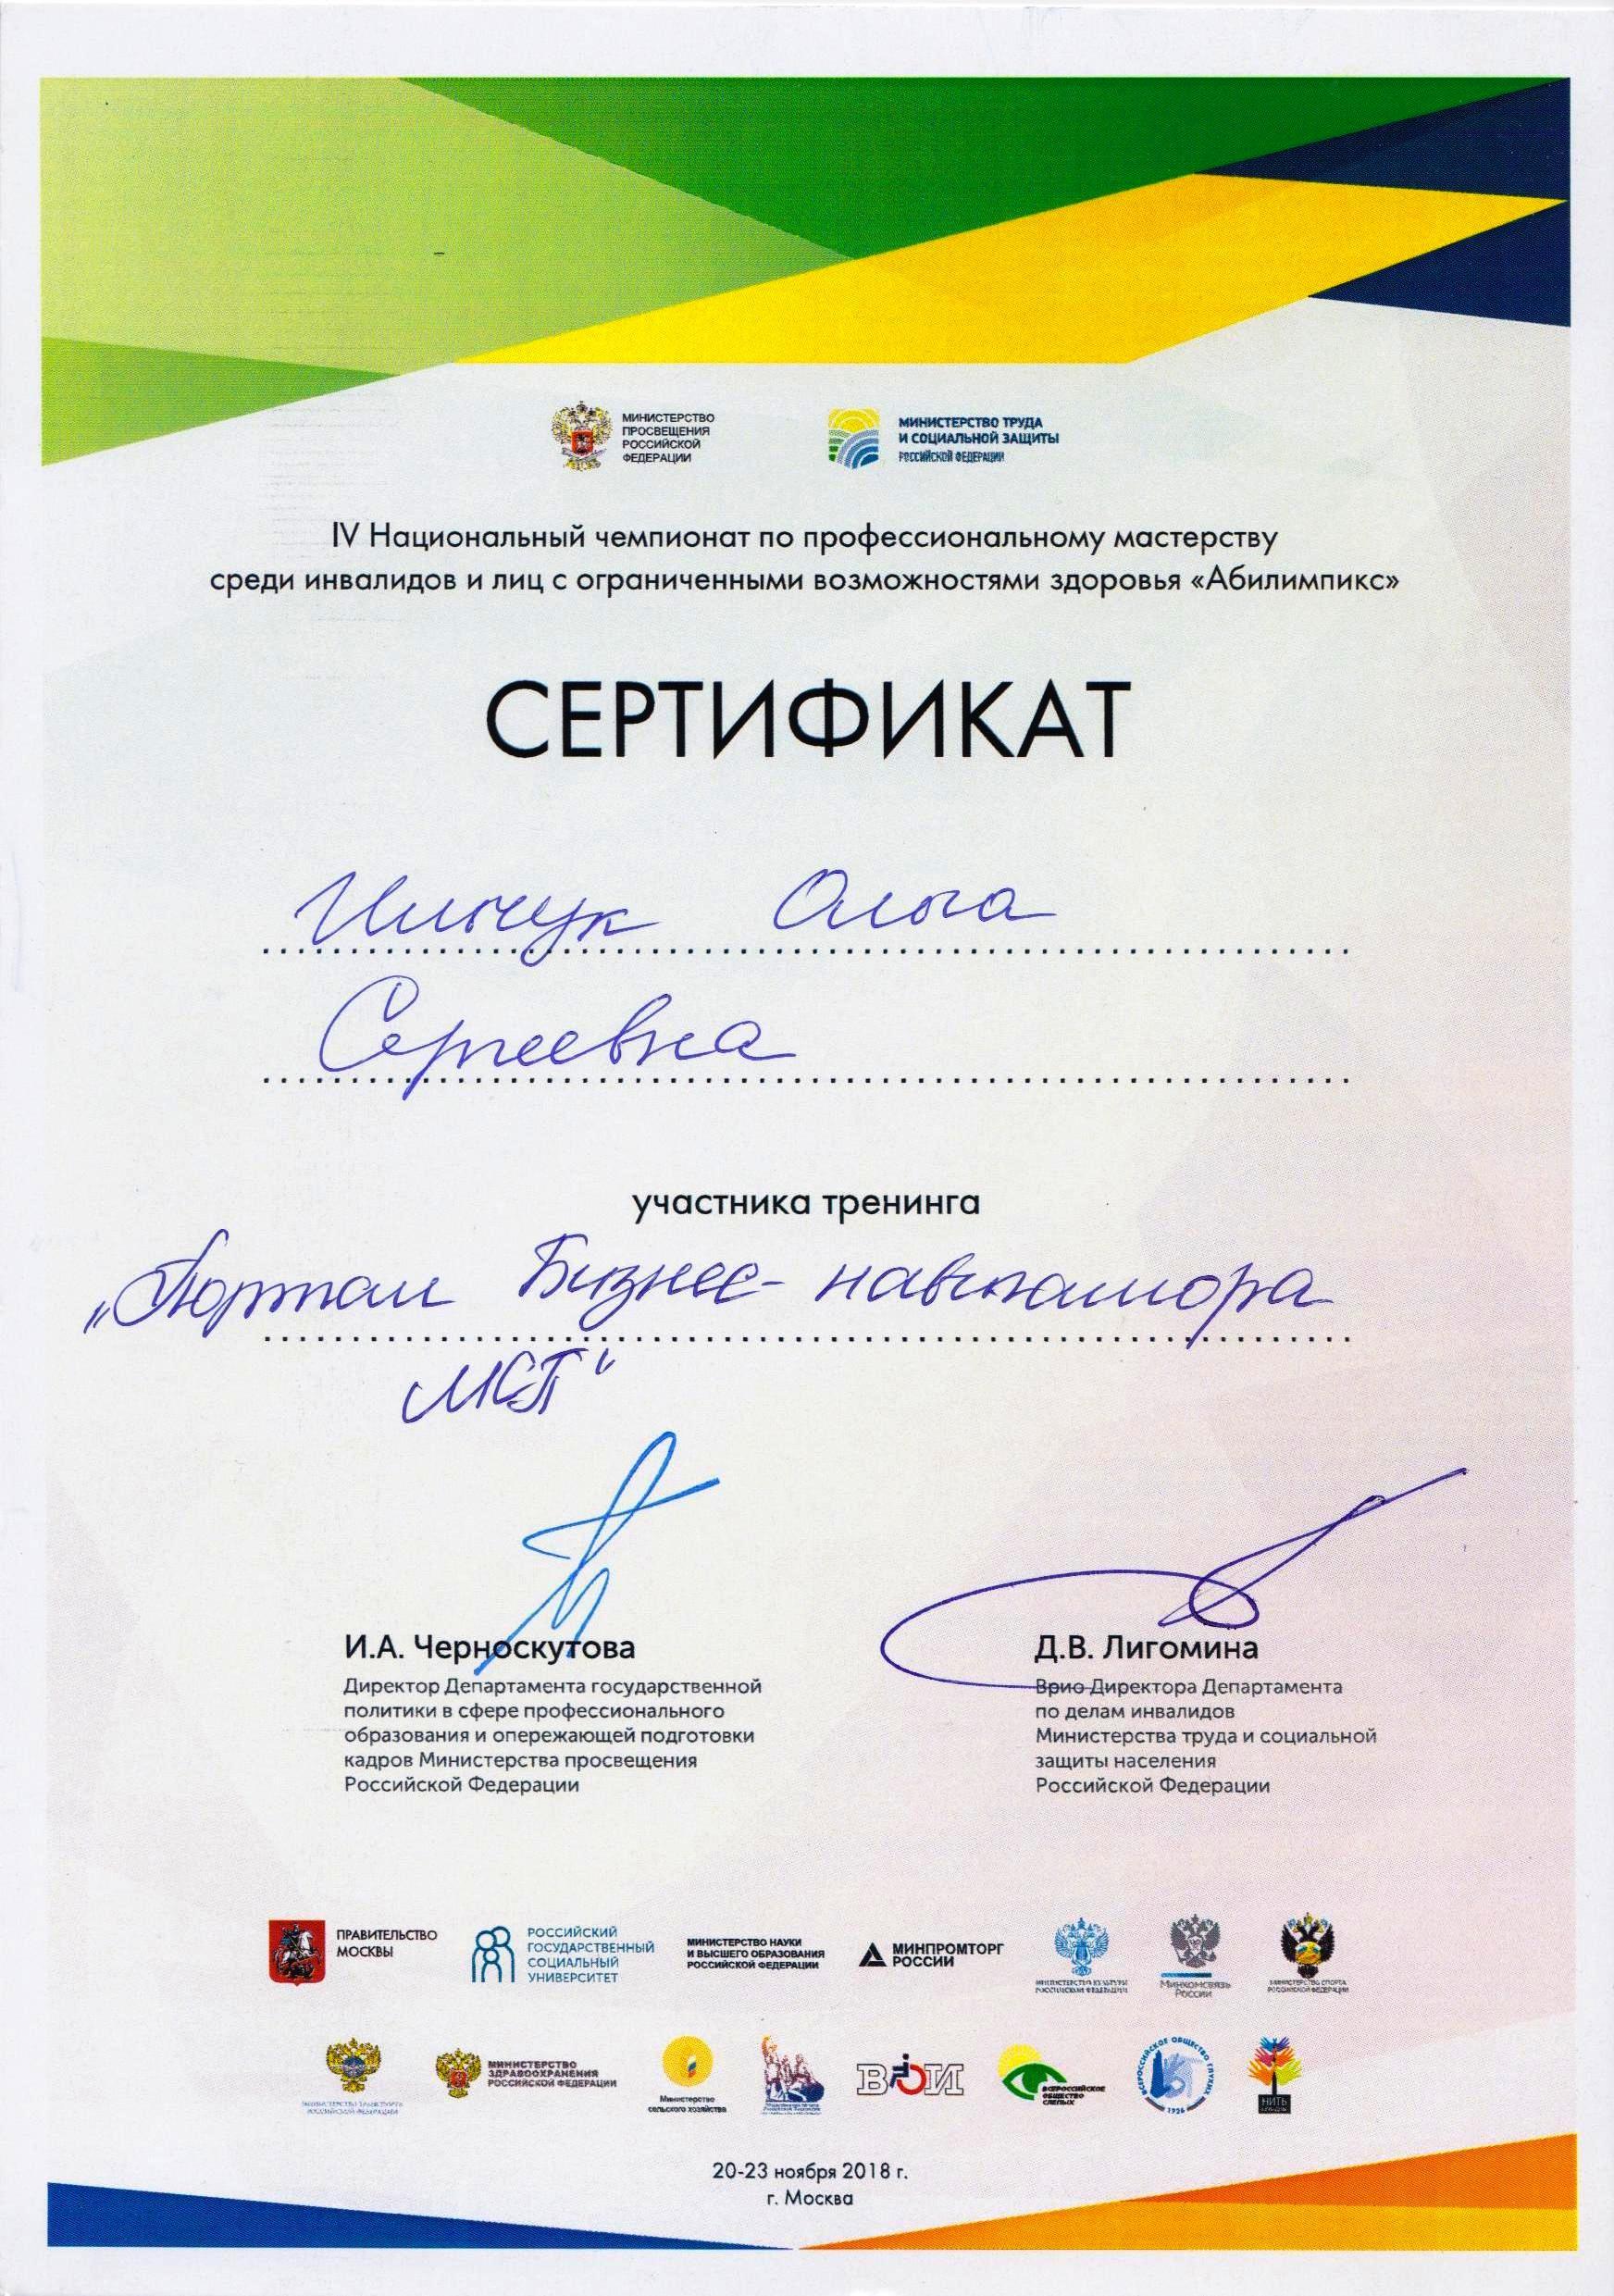 Сертификат участника тренинга